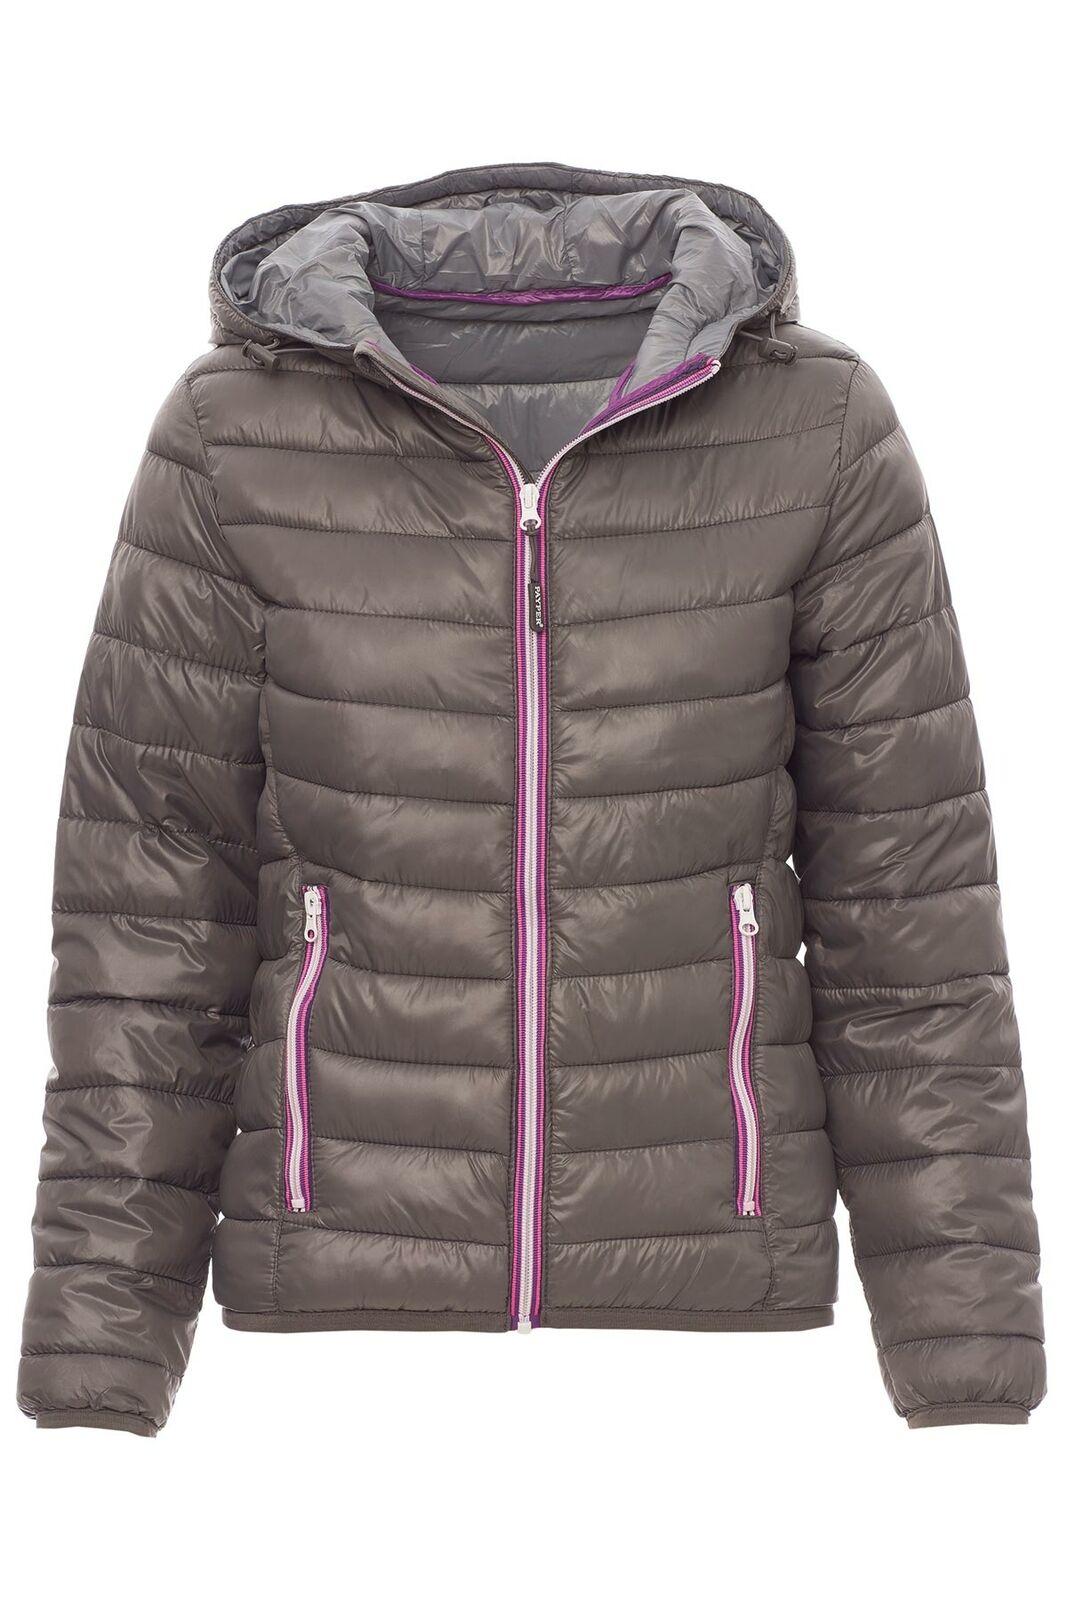 Damen Steppjacke Übergangsjacke Kapuze Winterjacke Jacke Damenjacke Sweatjacke